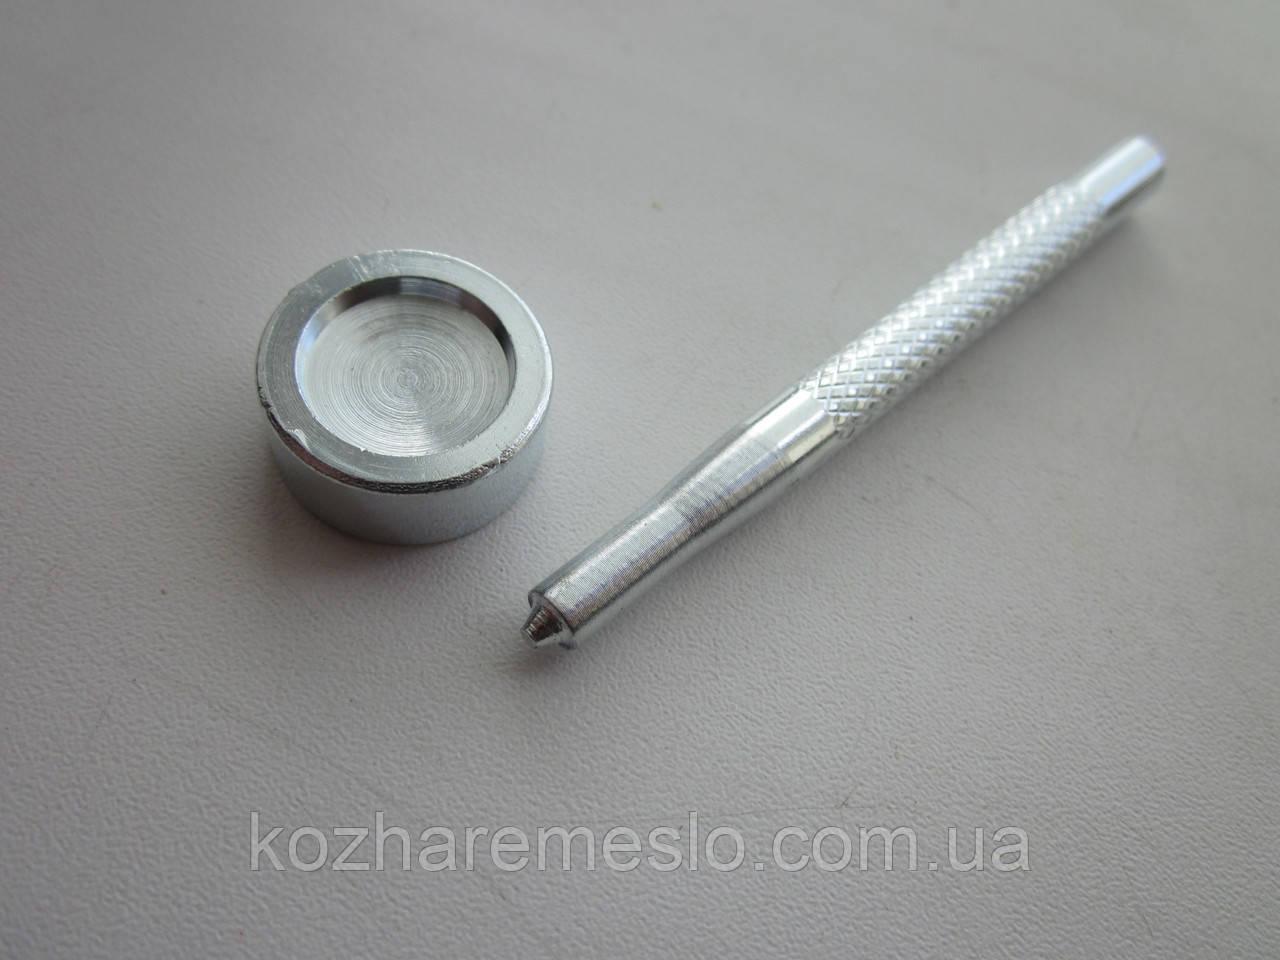 Инструмент для установки кнопки каппа 15 мм